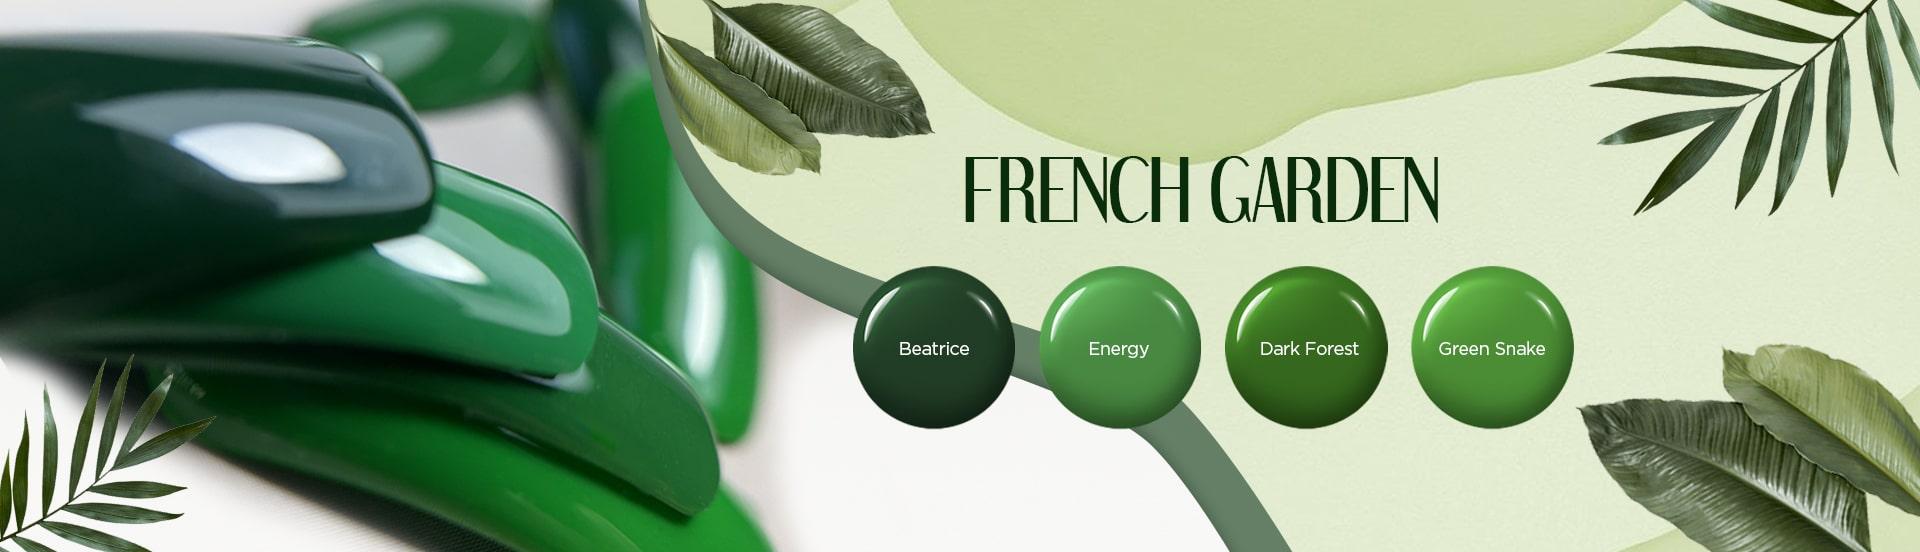 French Garden - Eshop cover